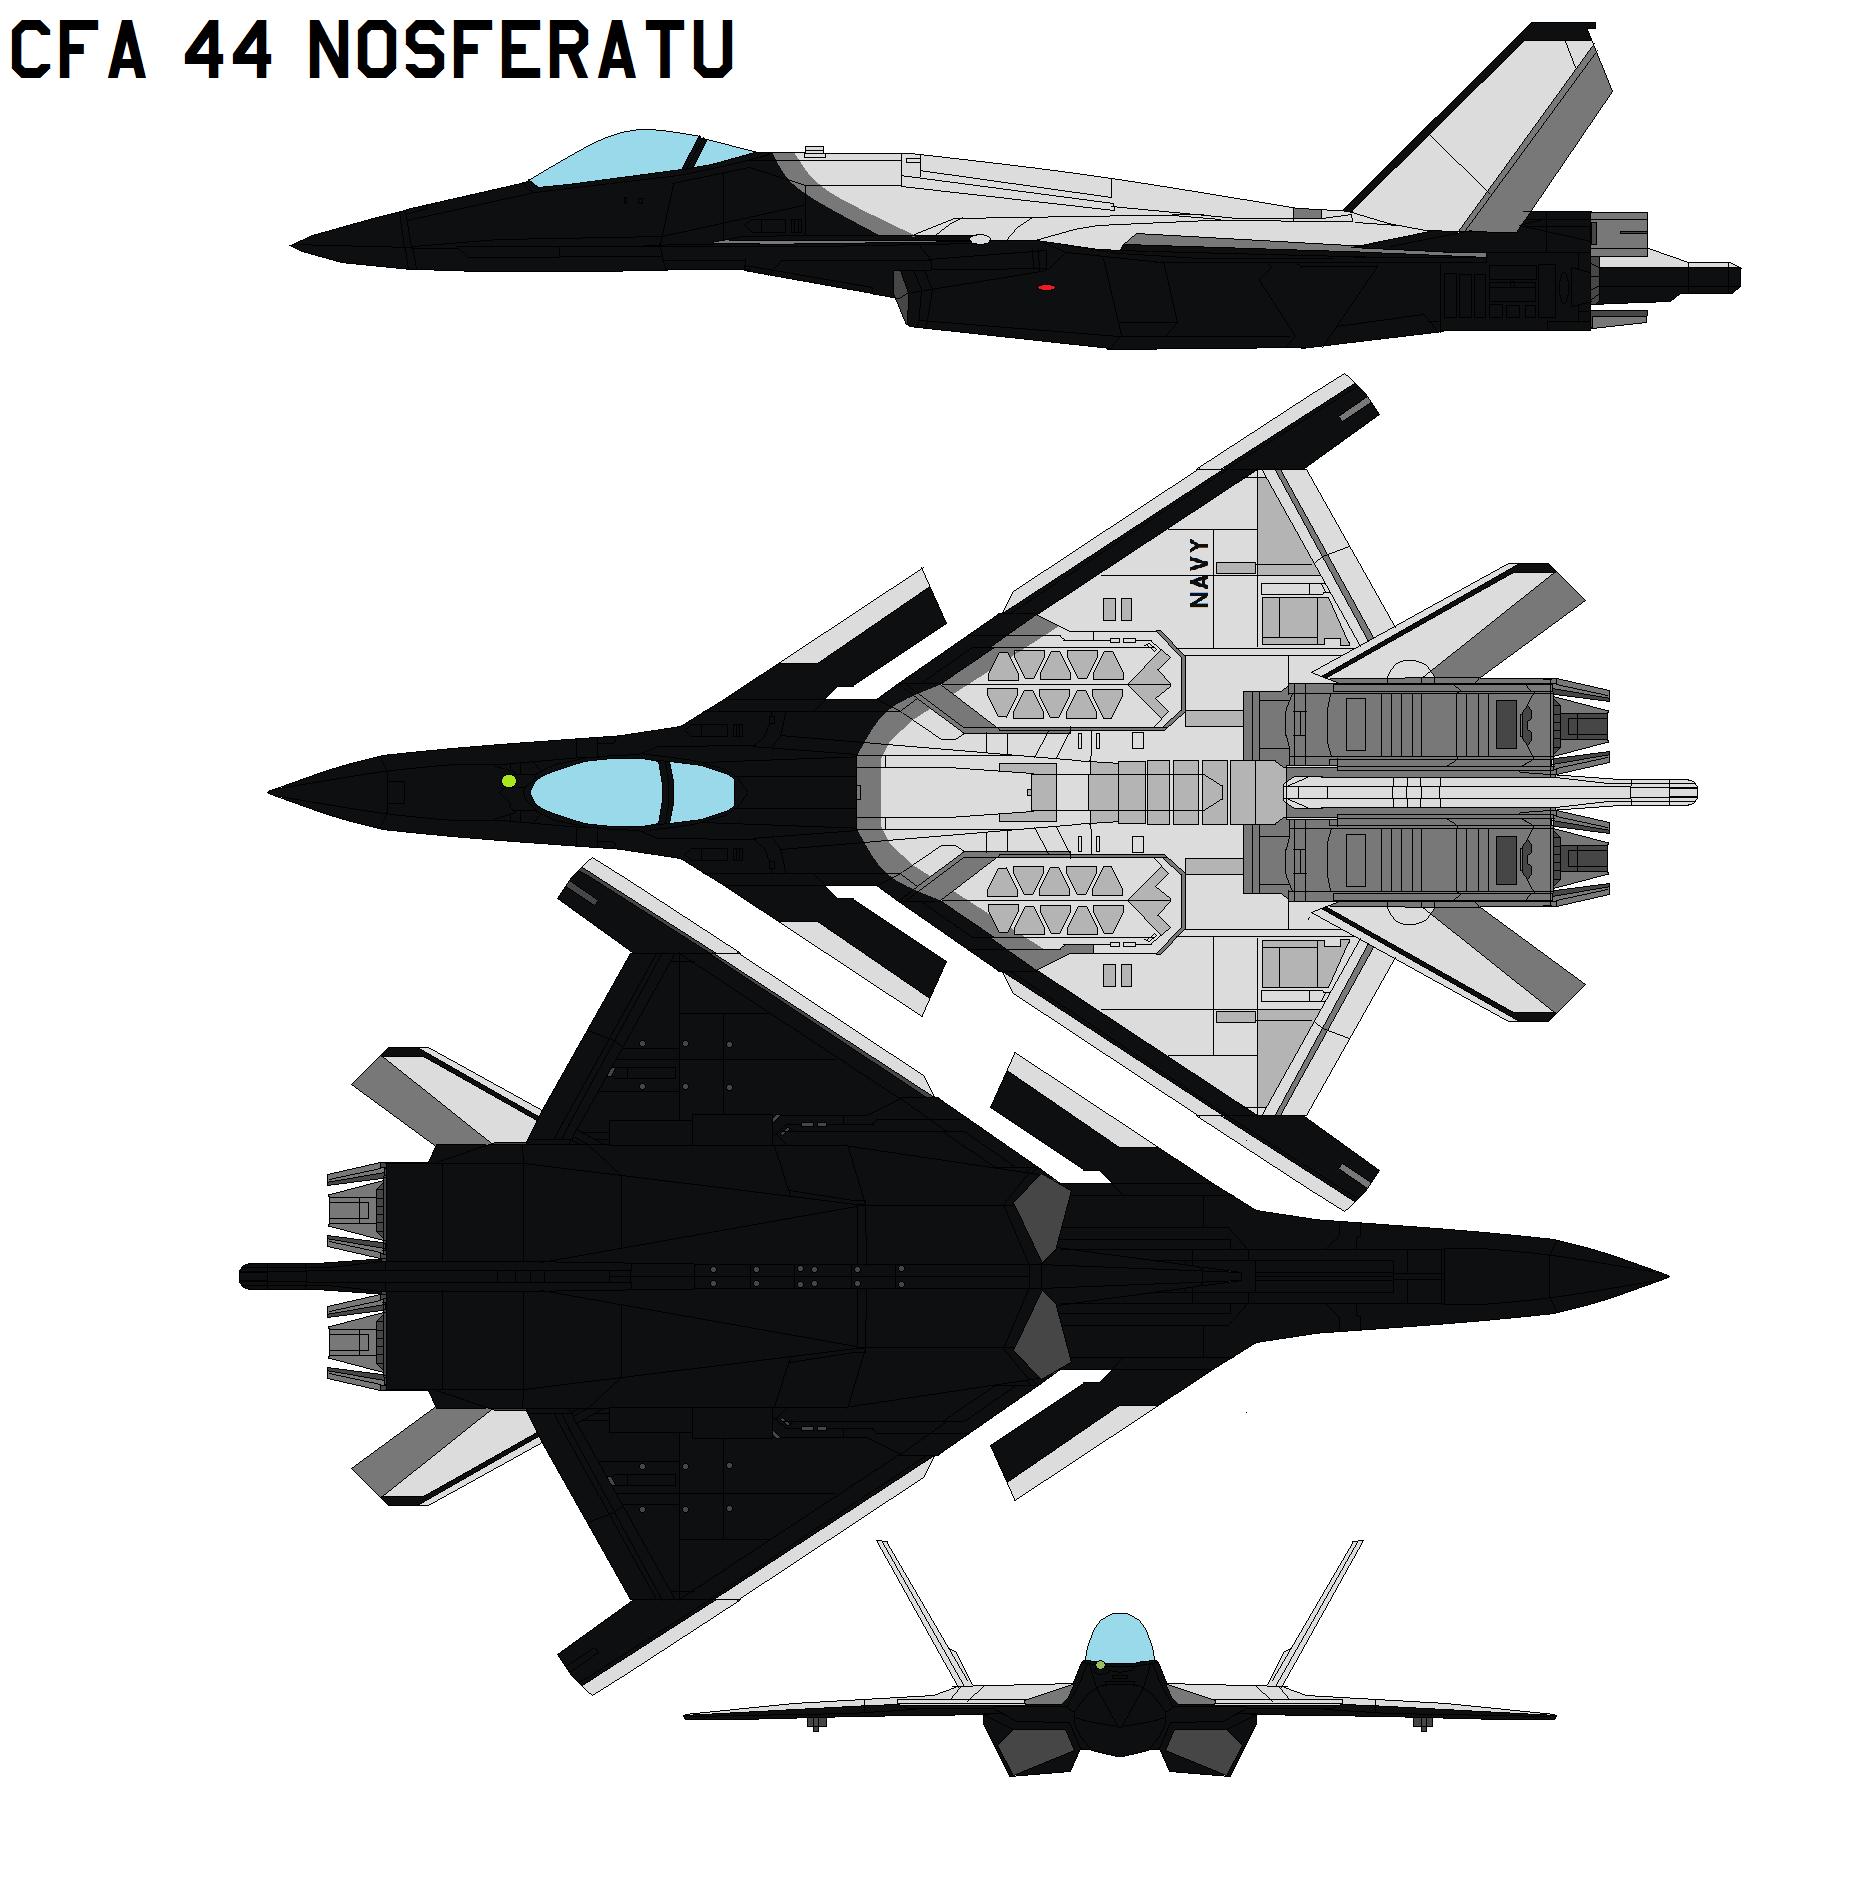 CFA 44 Nosferatu by bagera3005